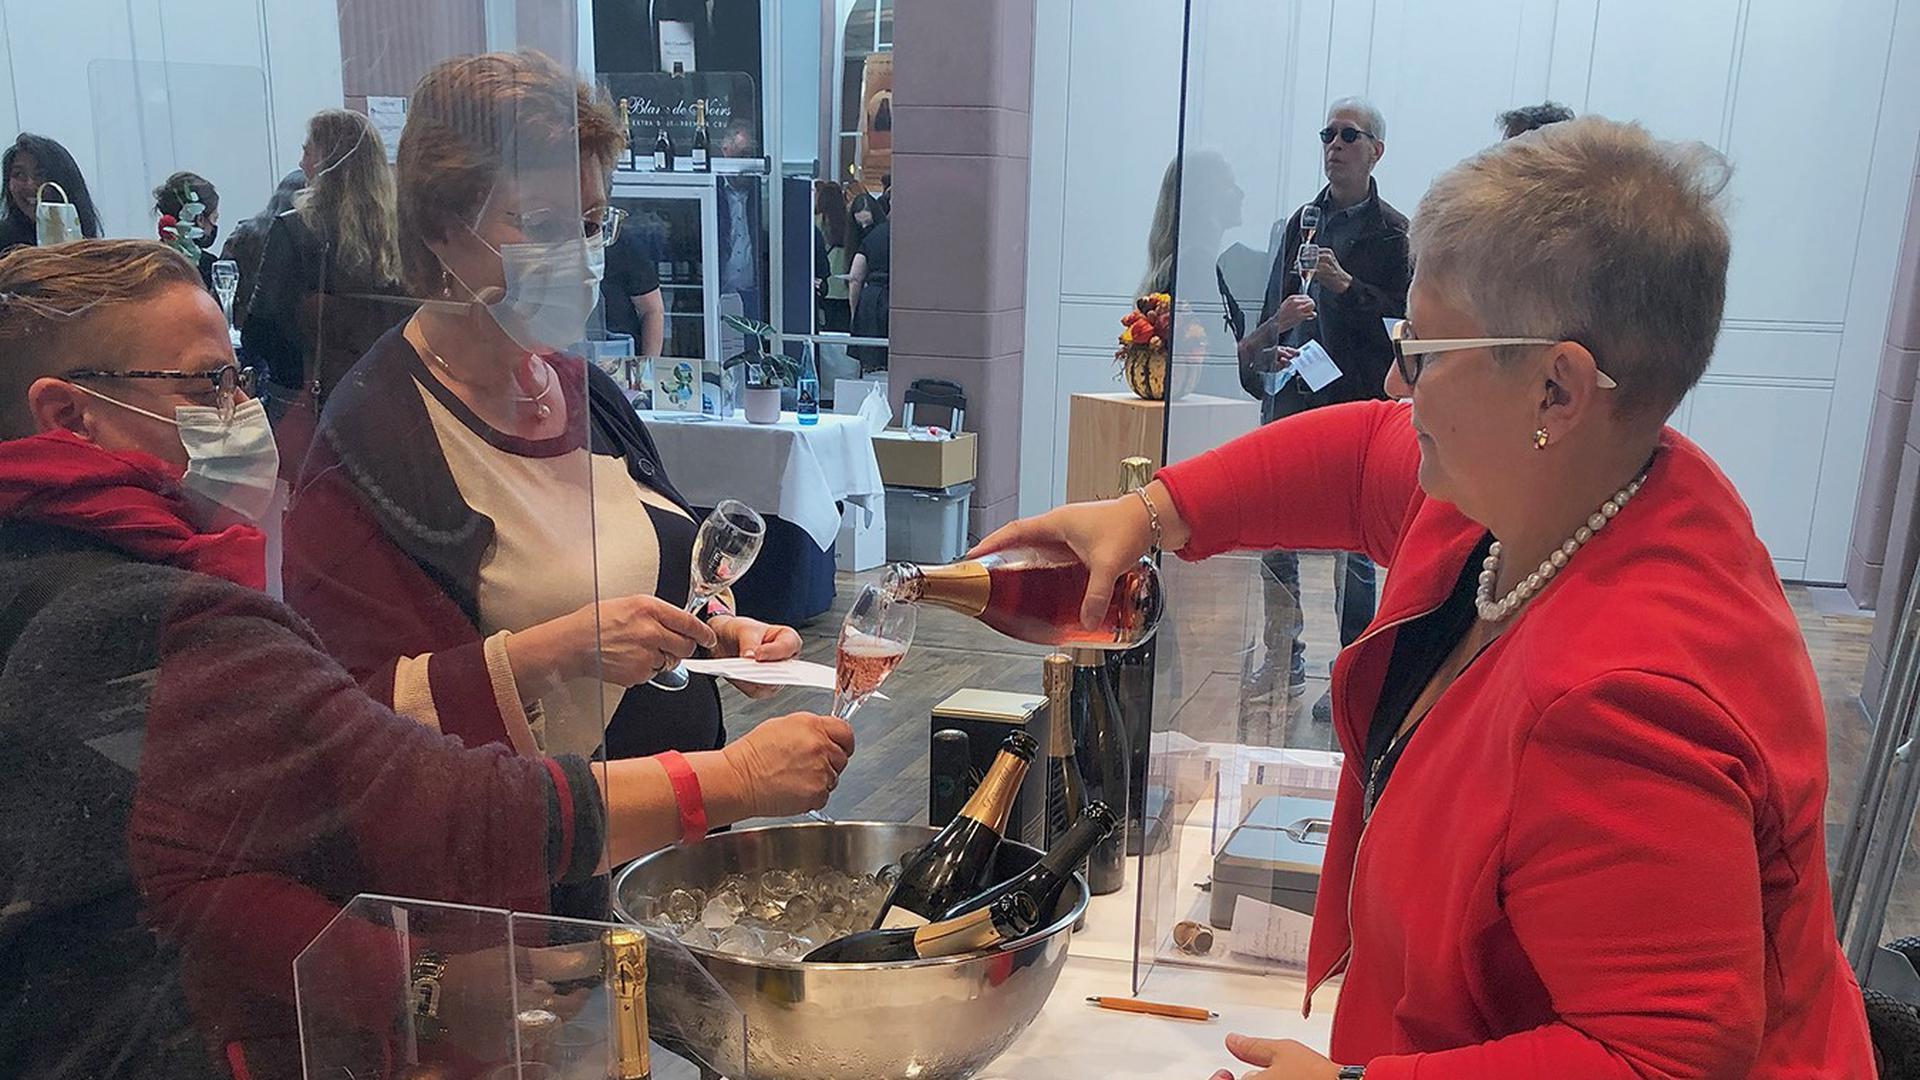 Frau in roter Jacke schenkt Frauen Champagner ein